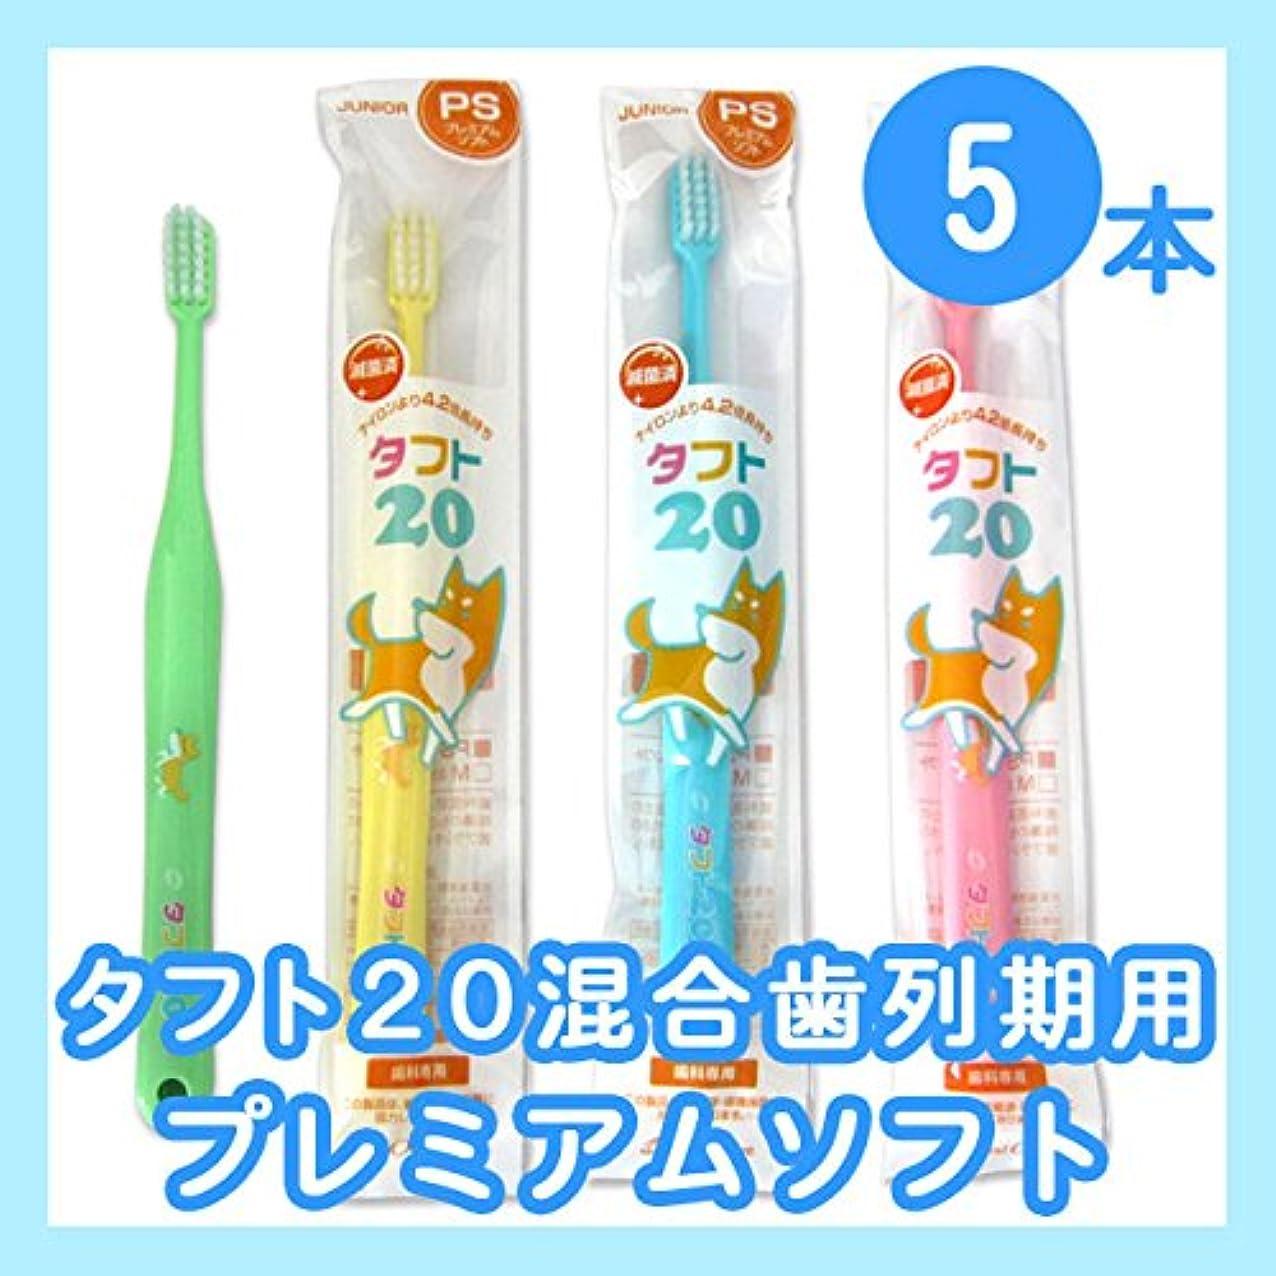 利用可能カビセットするタフト20 5本 オーラルケア タフト20 プレミアムソフト タフト 混合歯列期用(6~12歳) 子供(こども) 歯ブラシ 5本セ グリーン